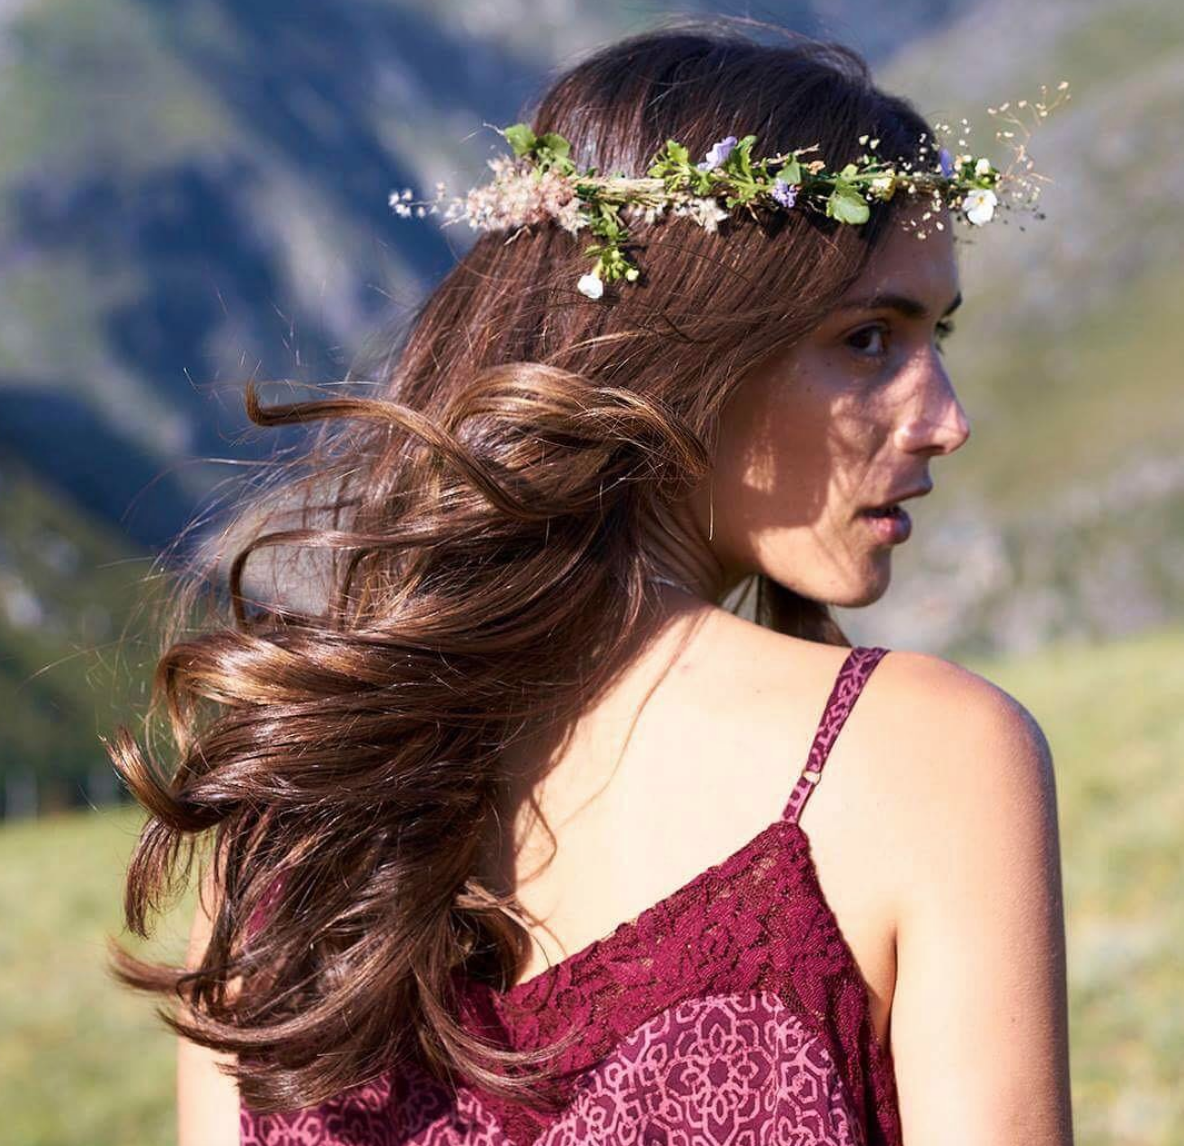 El romero ayuda a mantener un cabello saludable Instagram: herbalessencesuk